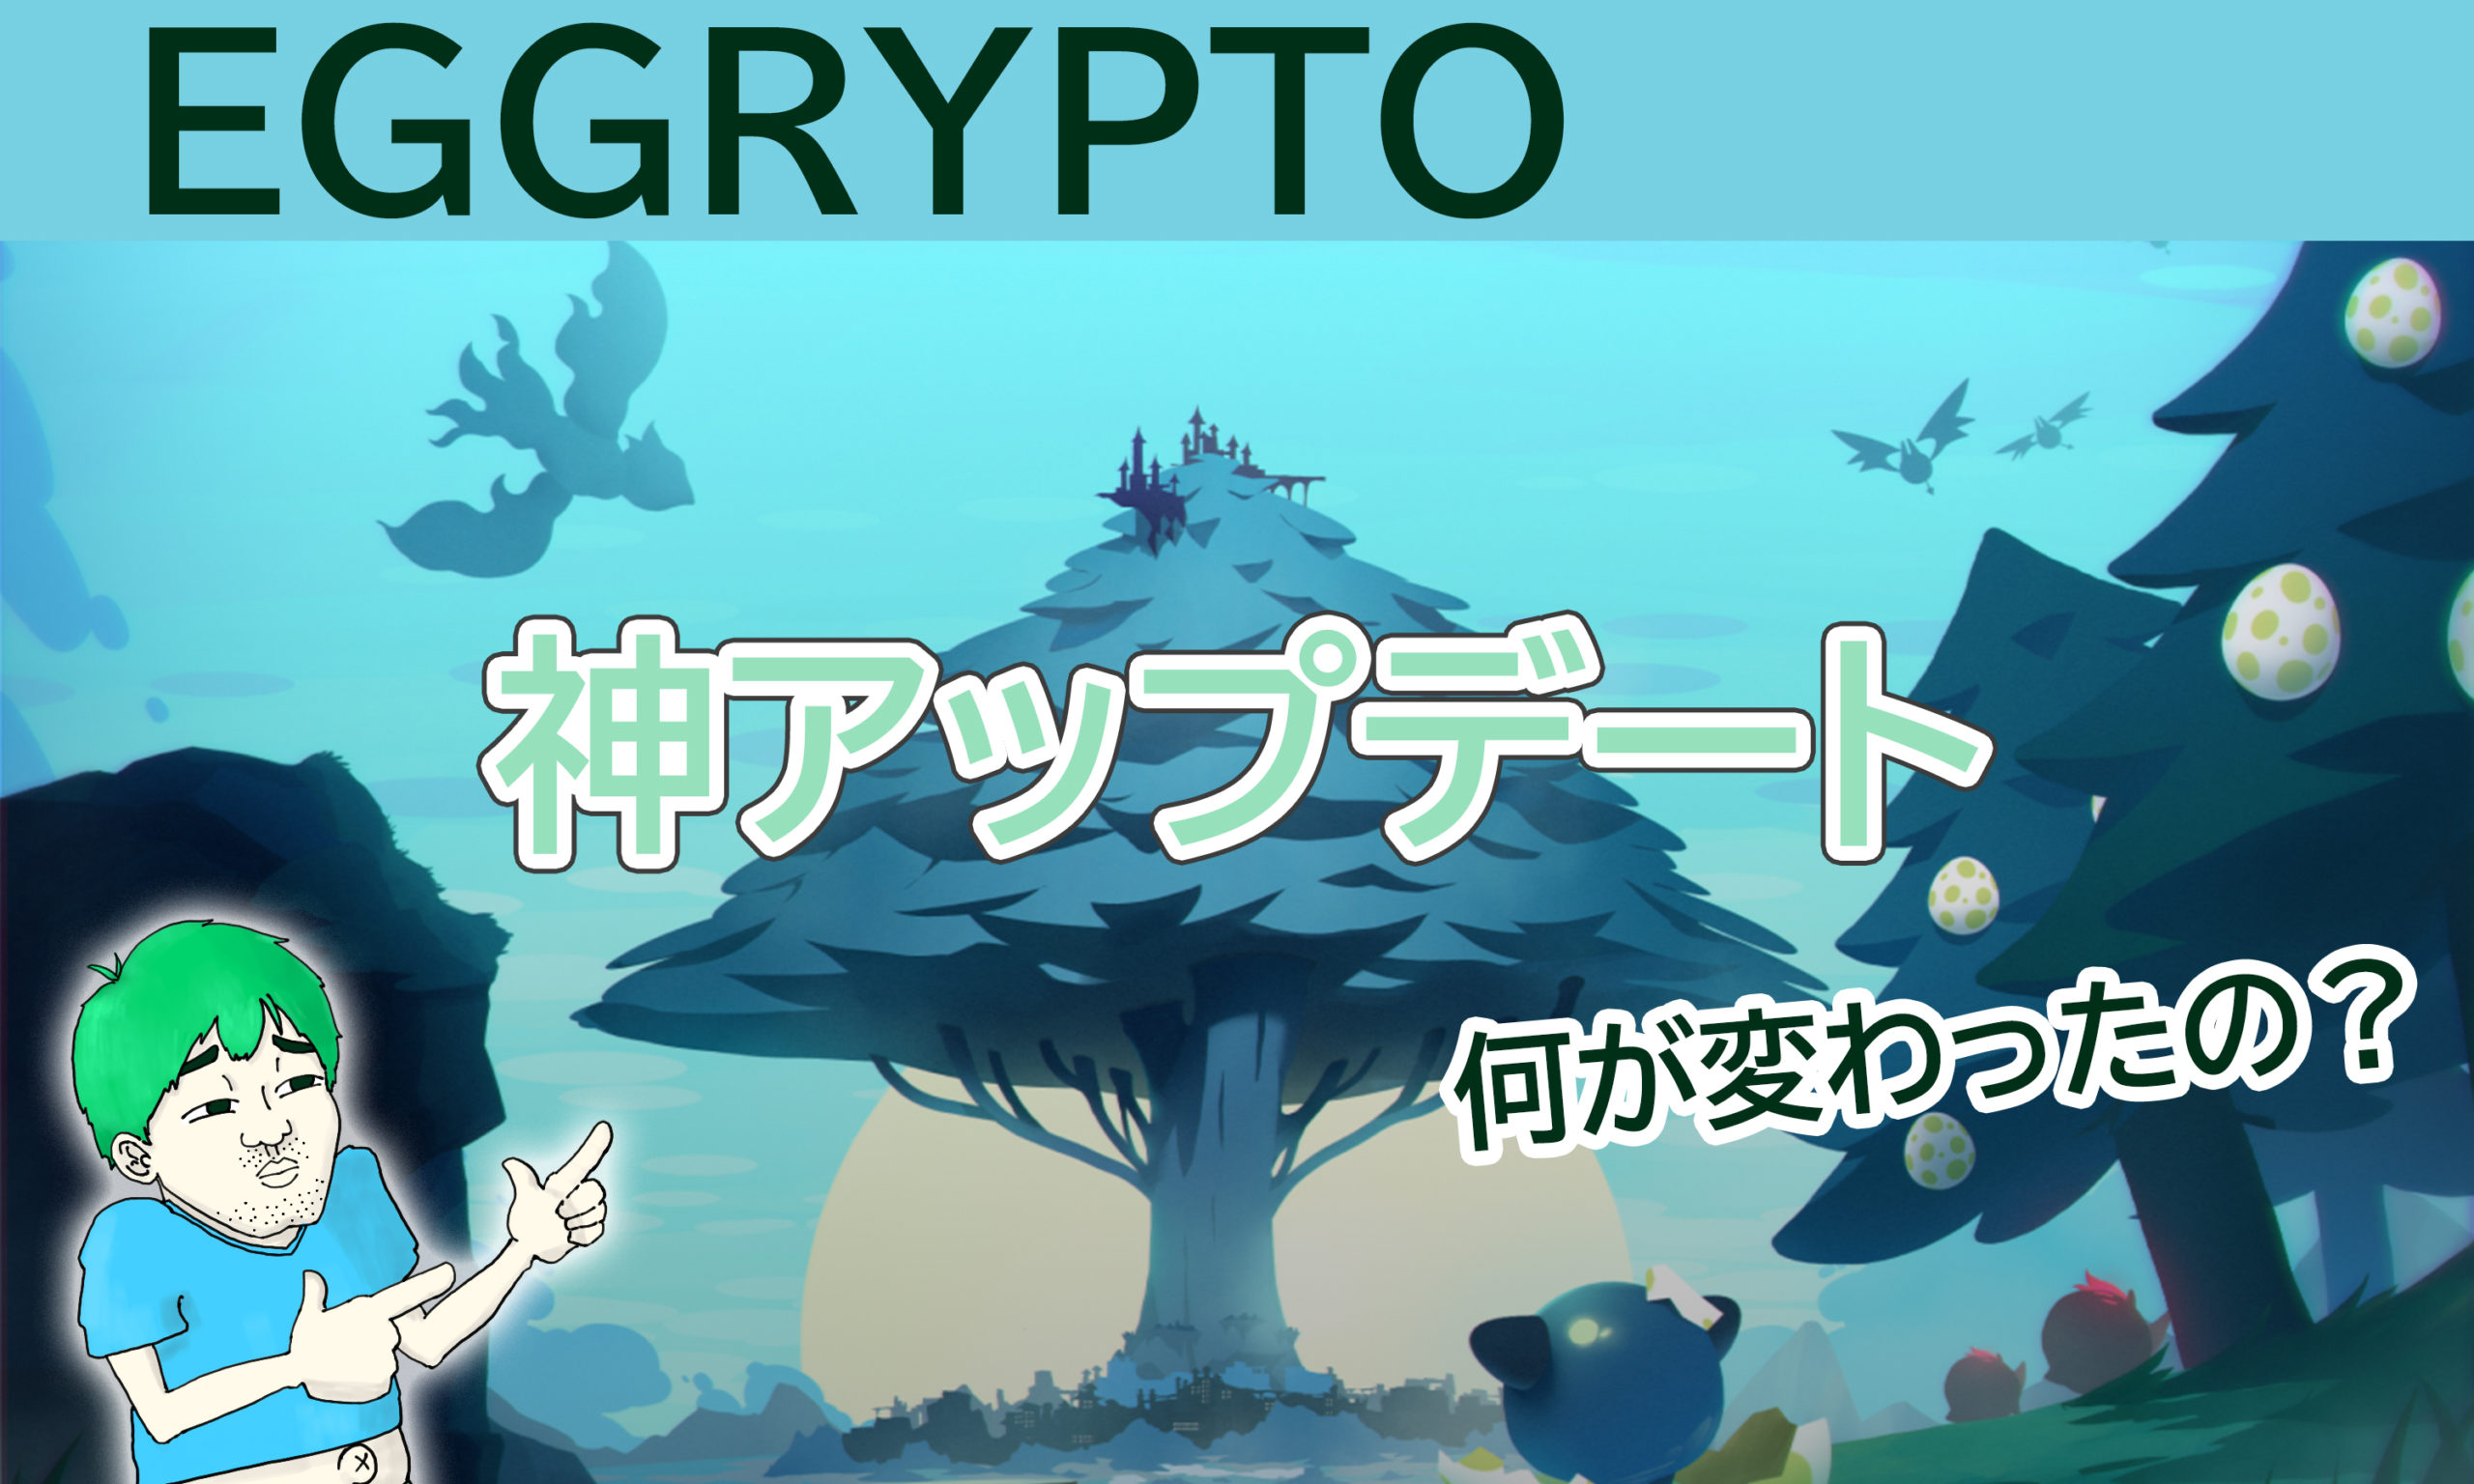 EGGRYPTOアイキャッチ画像